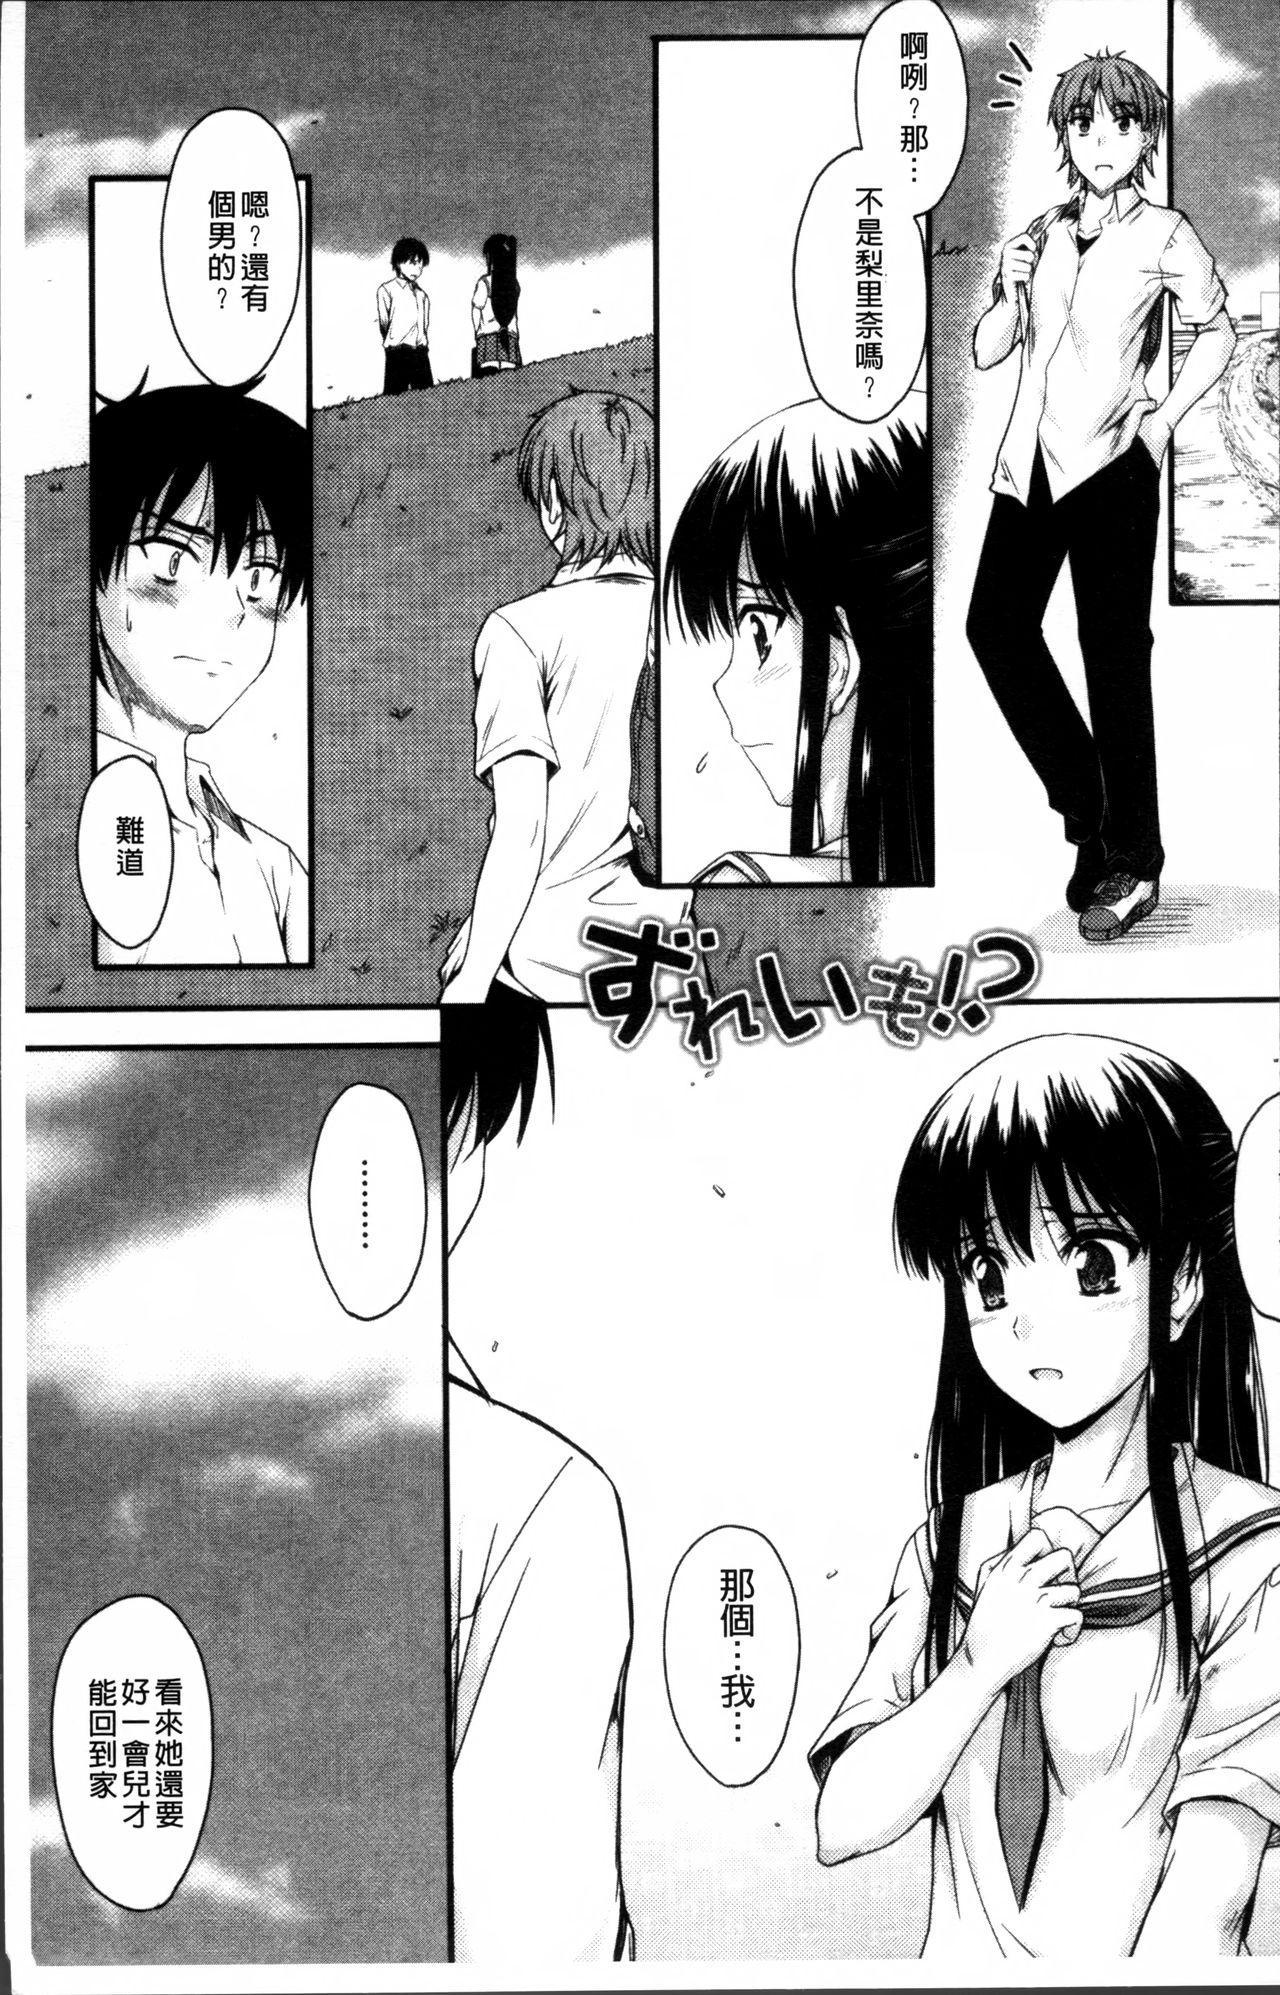 Koi Ecchi - Love H 10